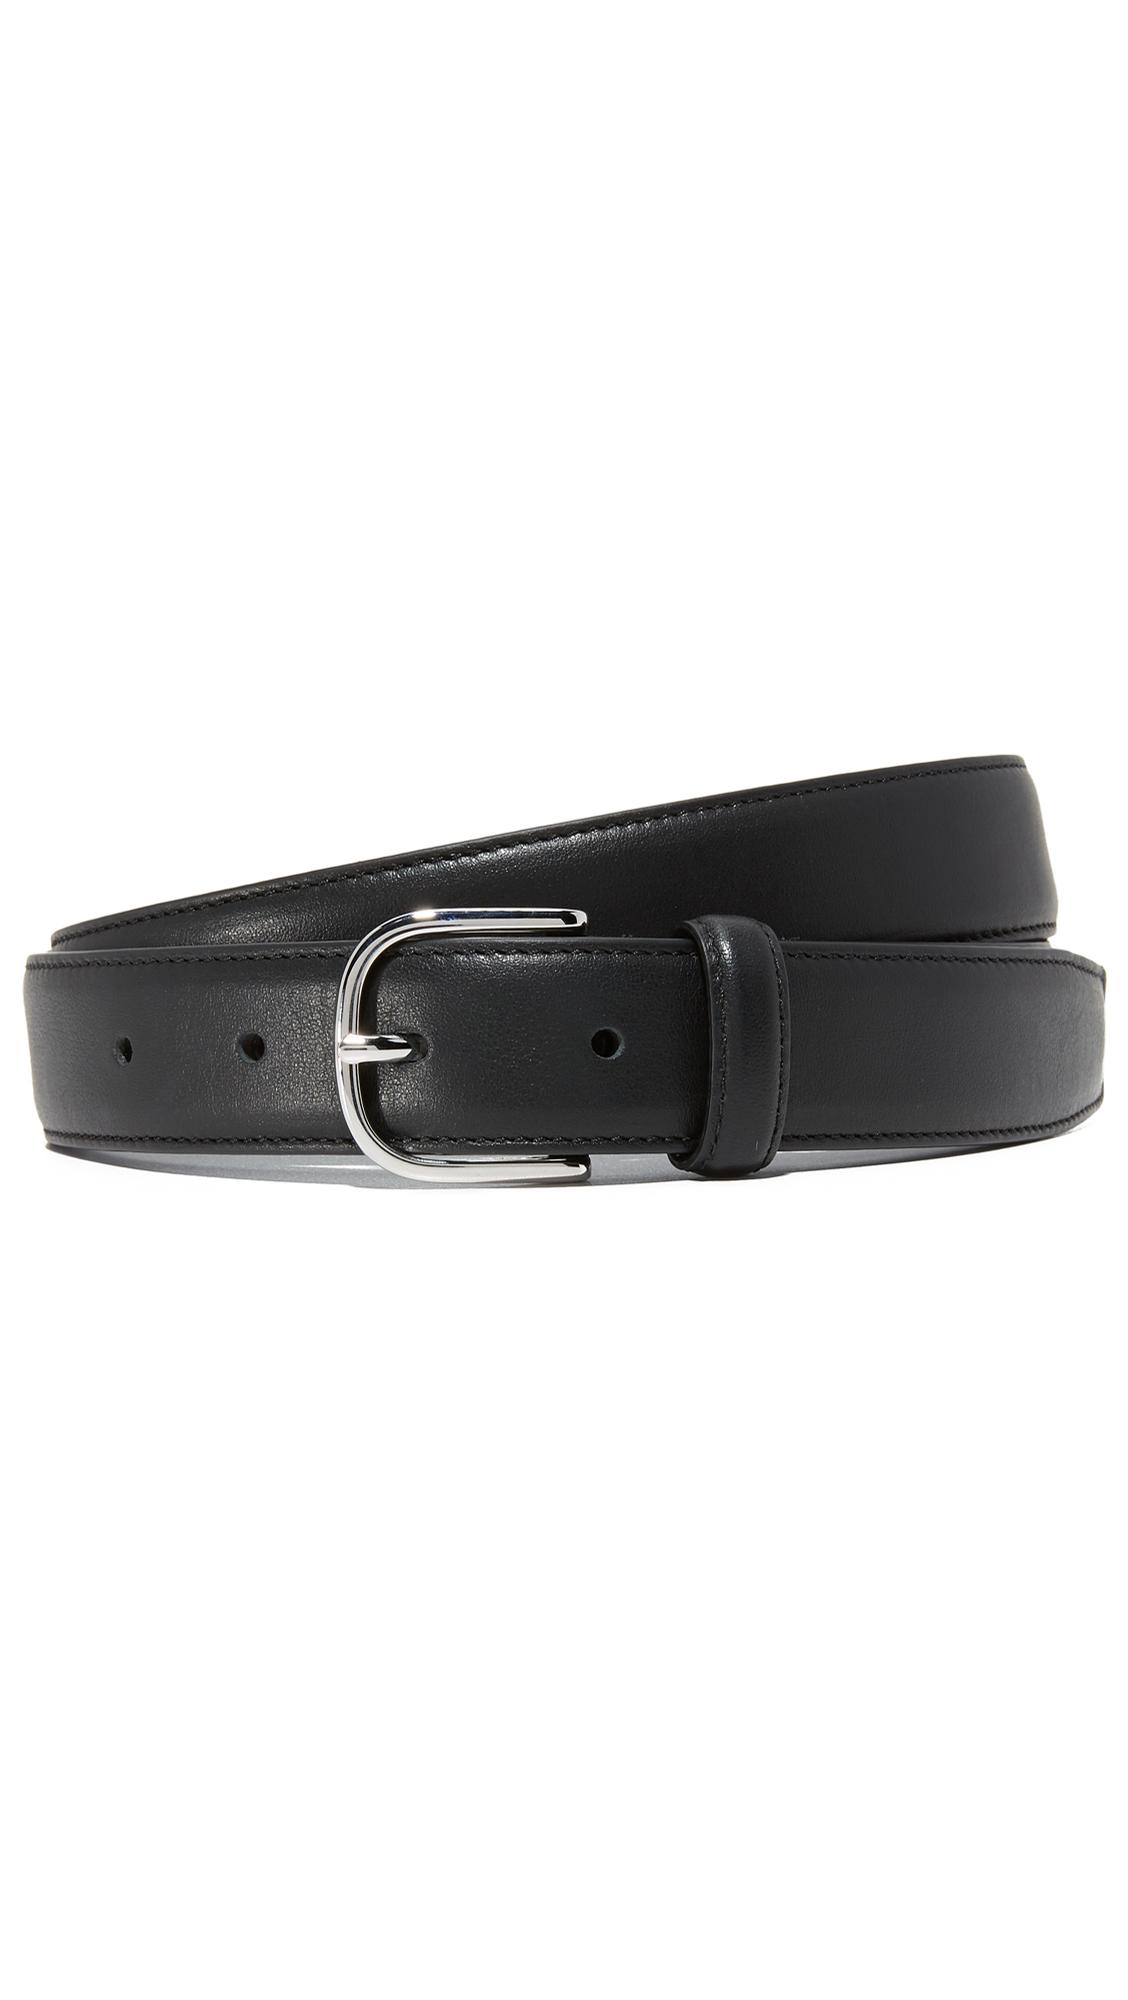 Club Monaco Leather Dress Belt In Black